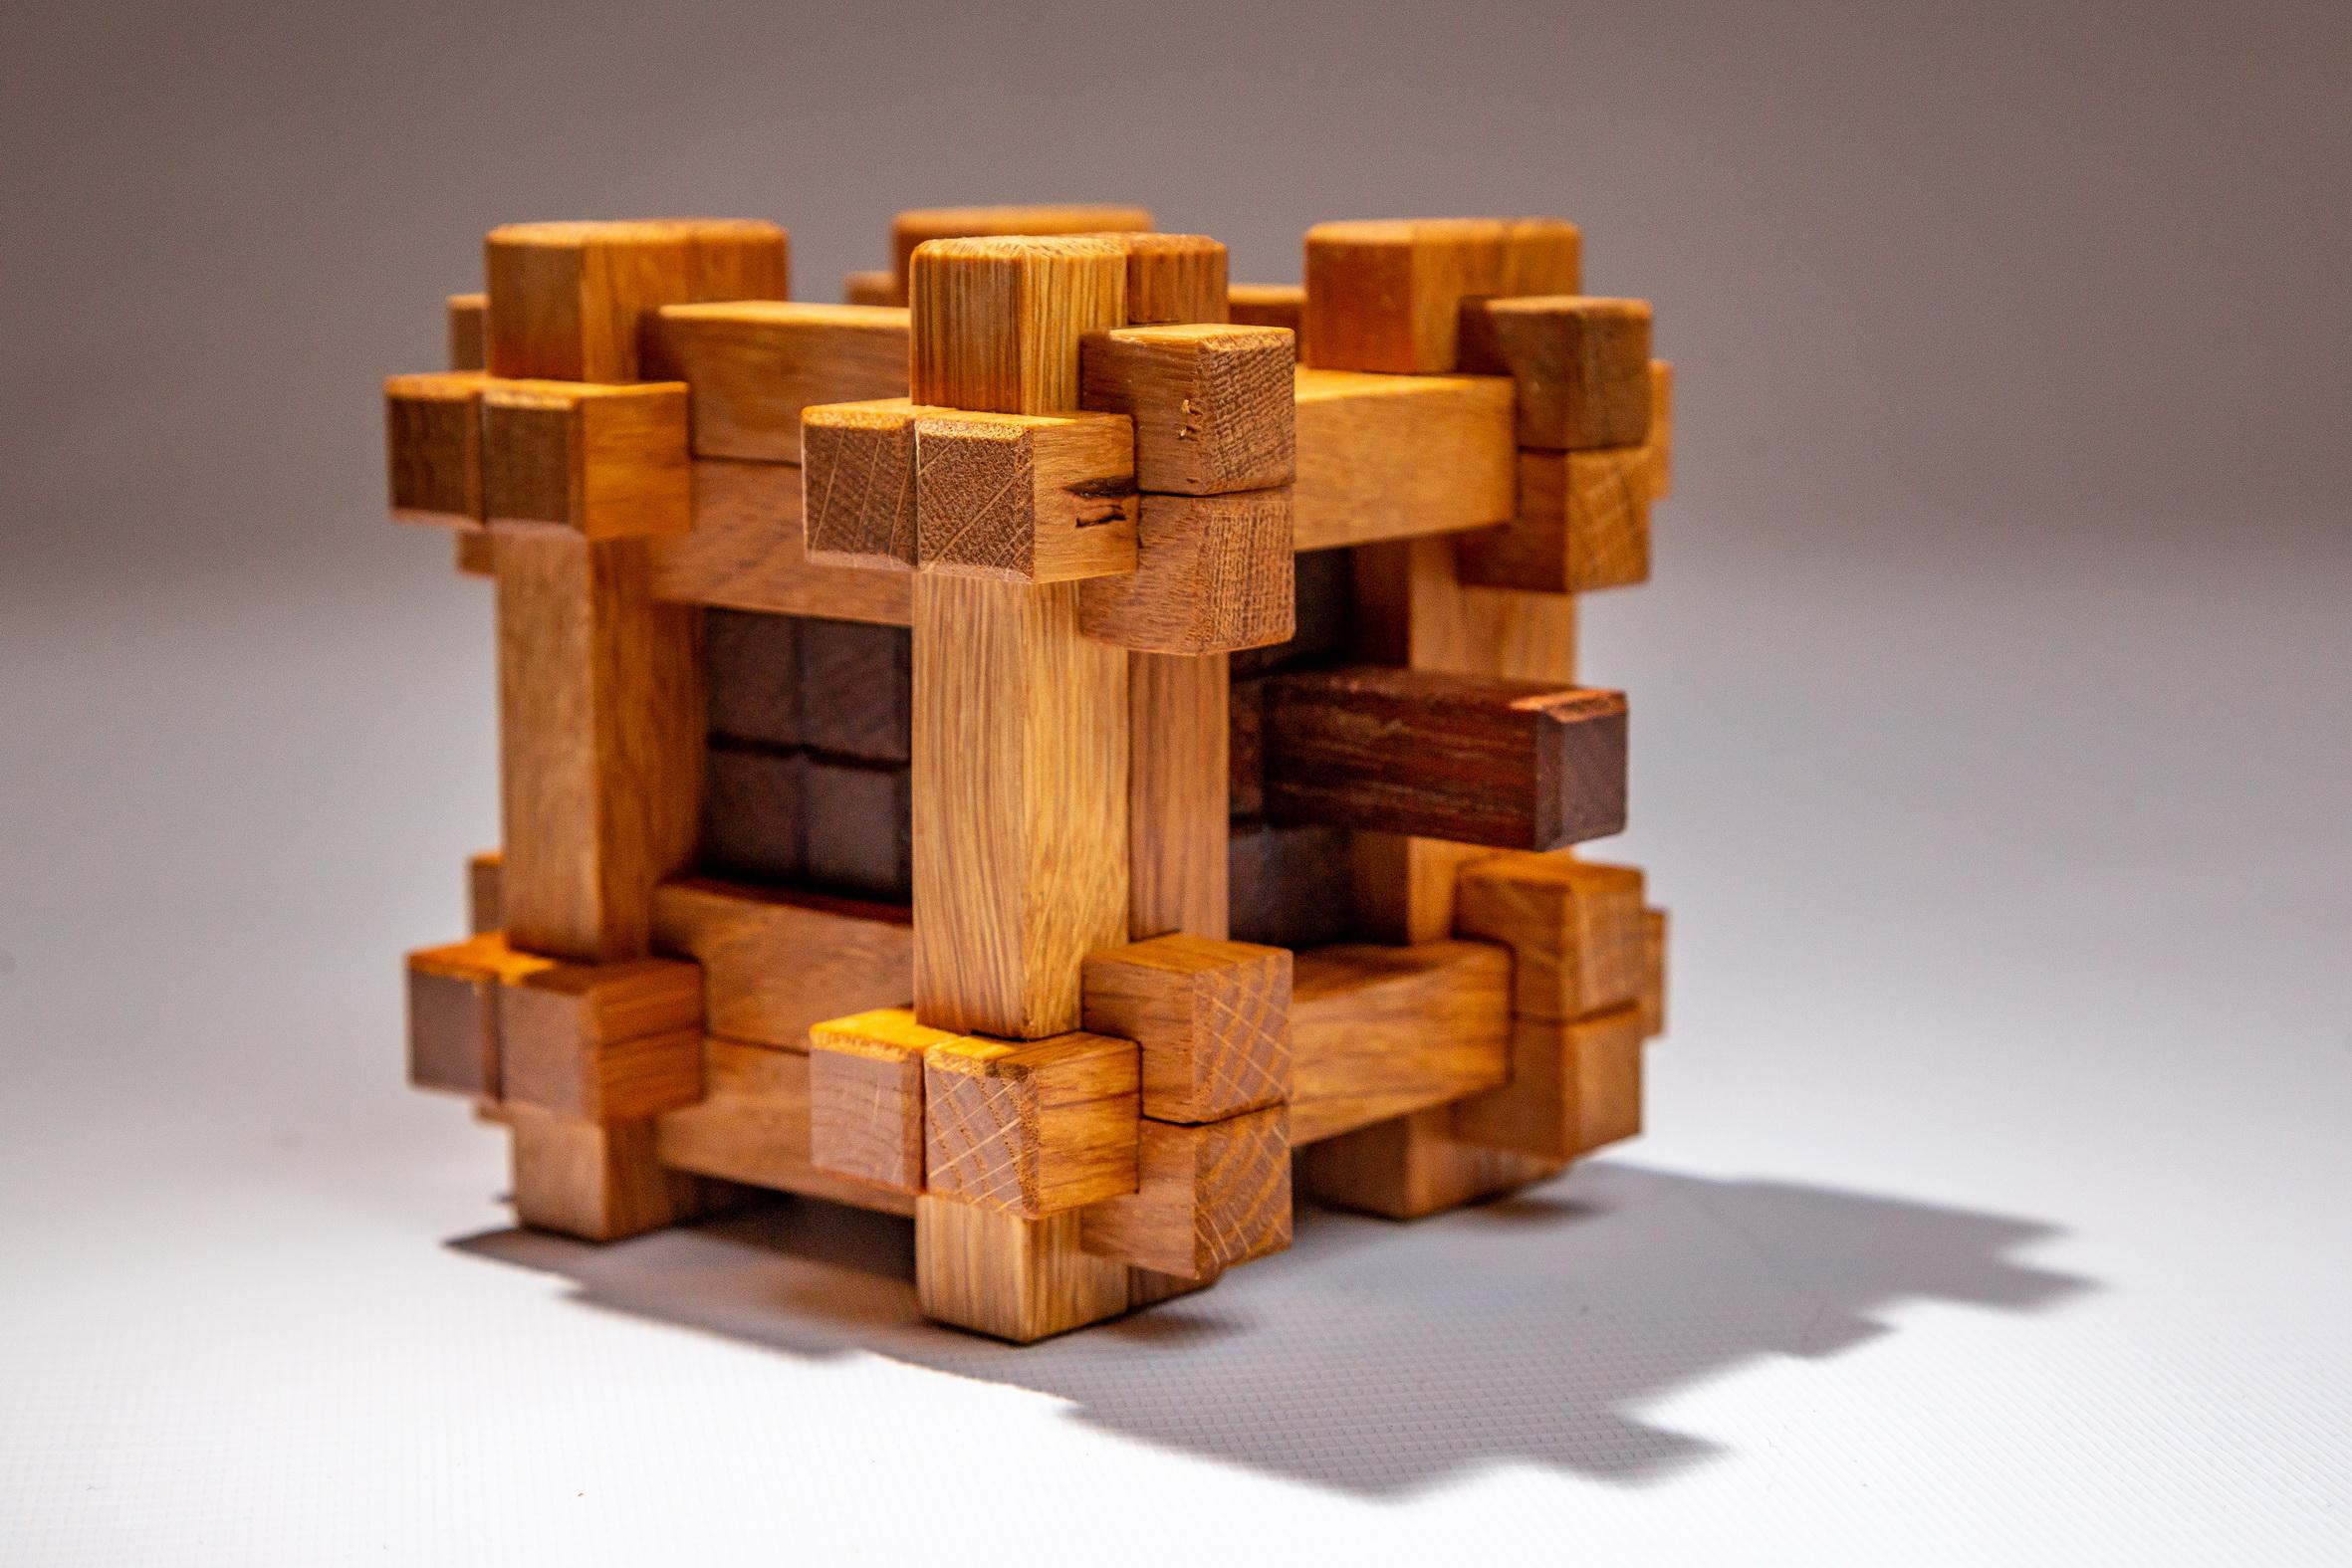 Cube in Jail (Куб в клетке)